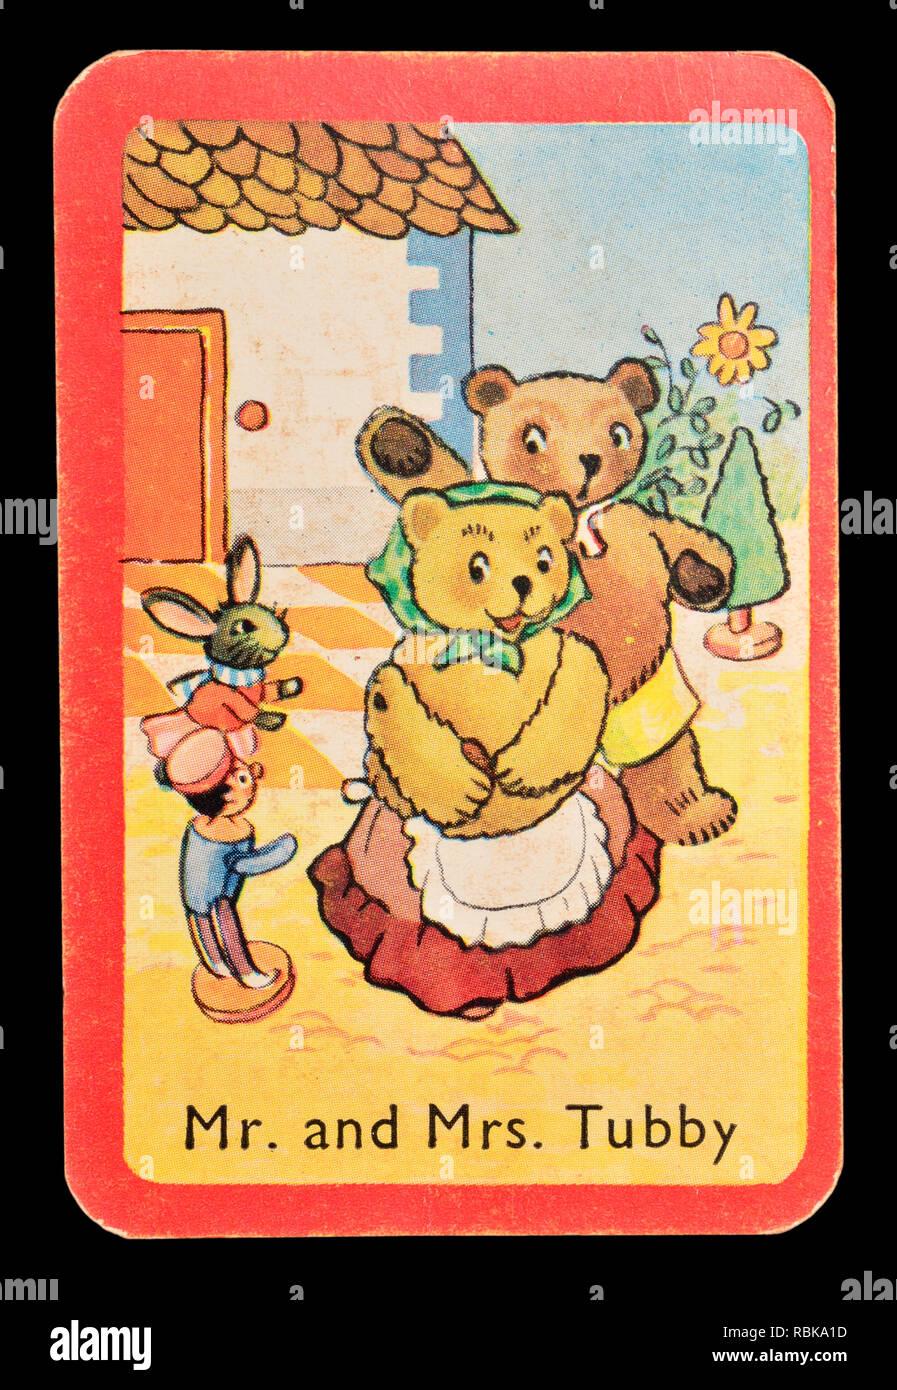 Carta da un Noddy snap gioco di scheda (1955) - il signor e la signora Tubby Immagini Stock